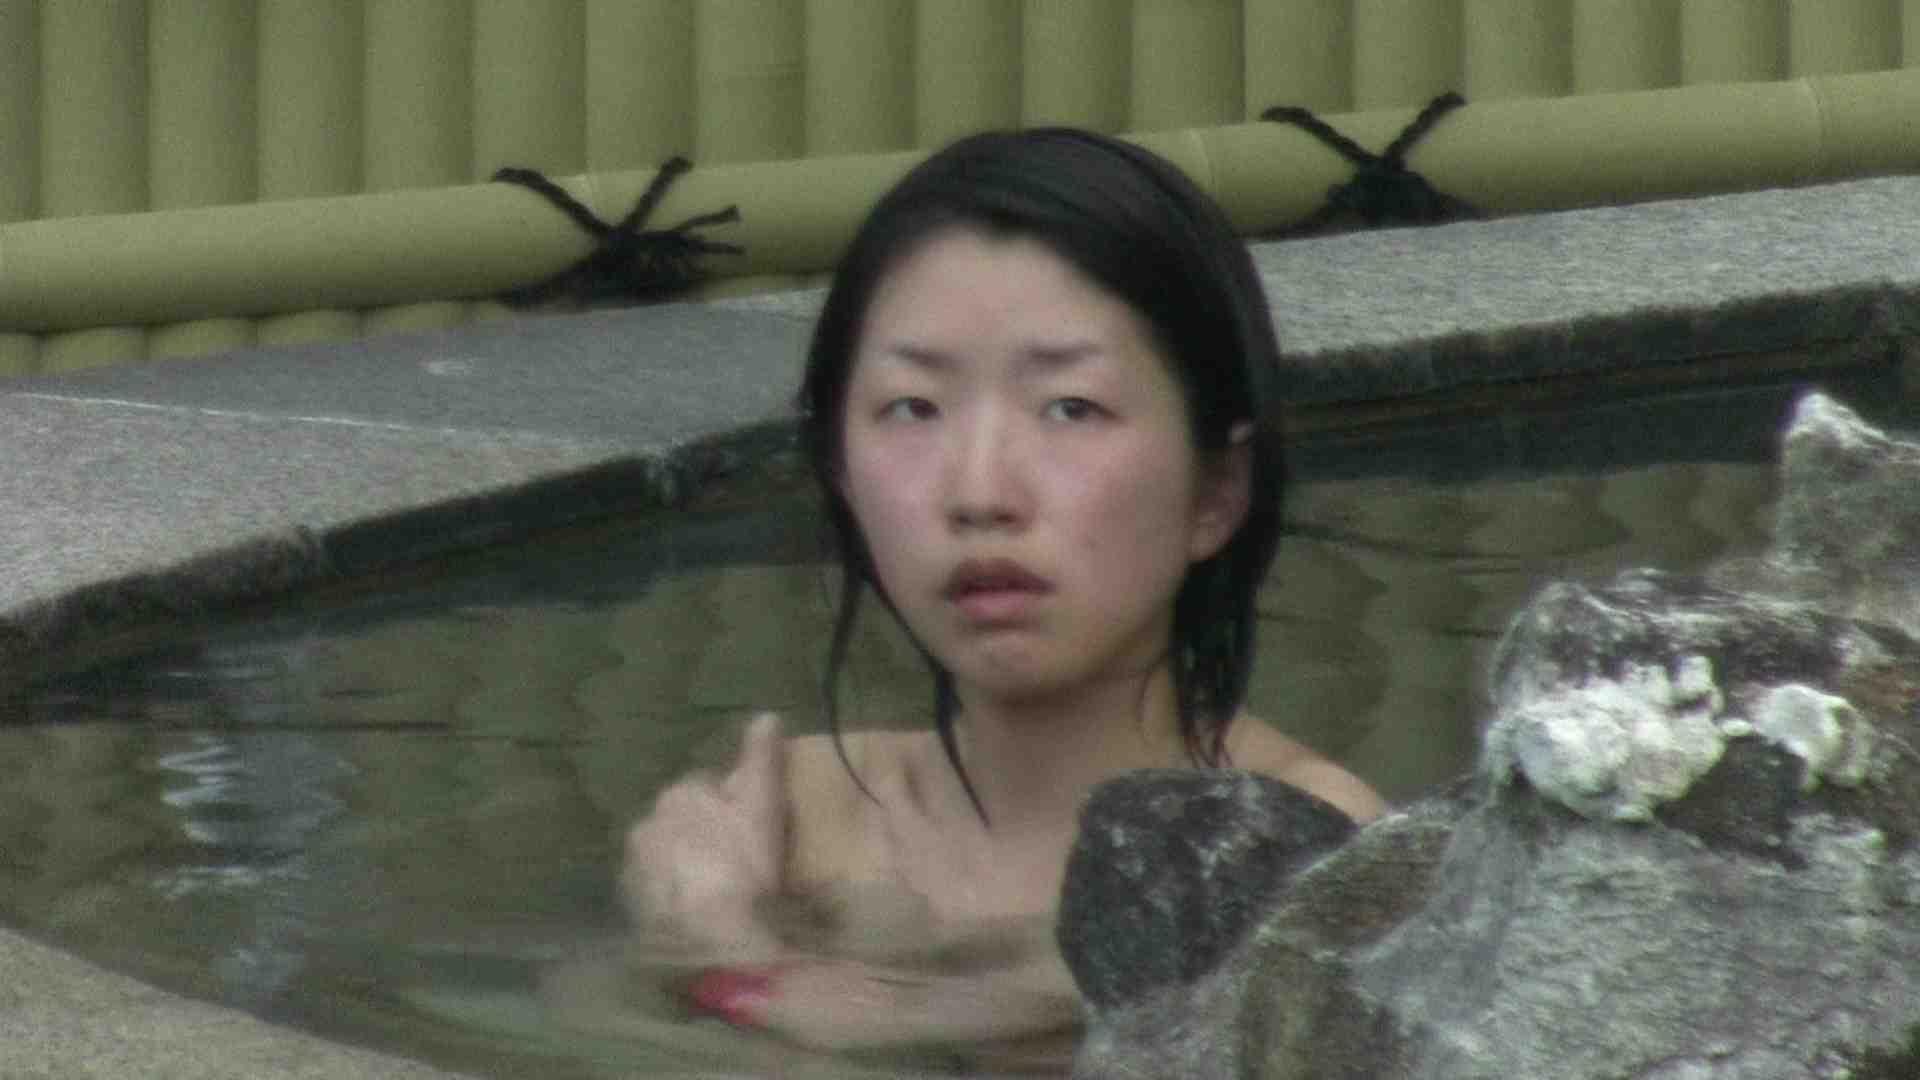 Aquaな露天風呂Vol.133 盗撮  109枚 15